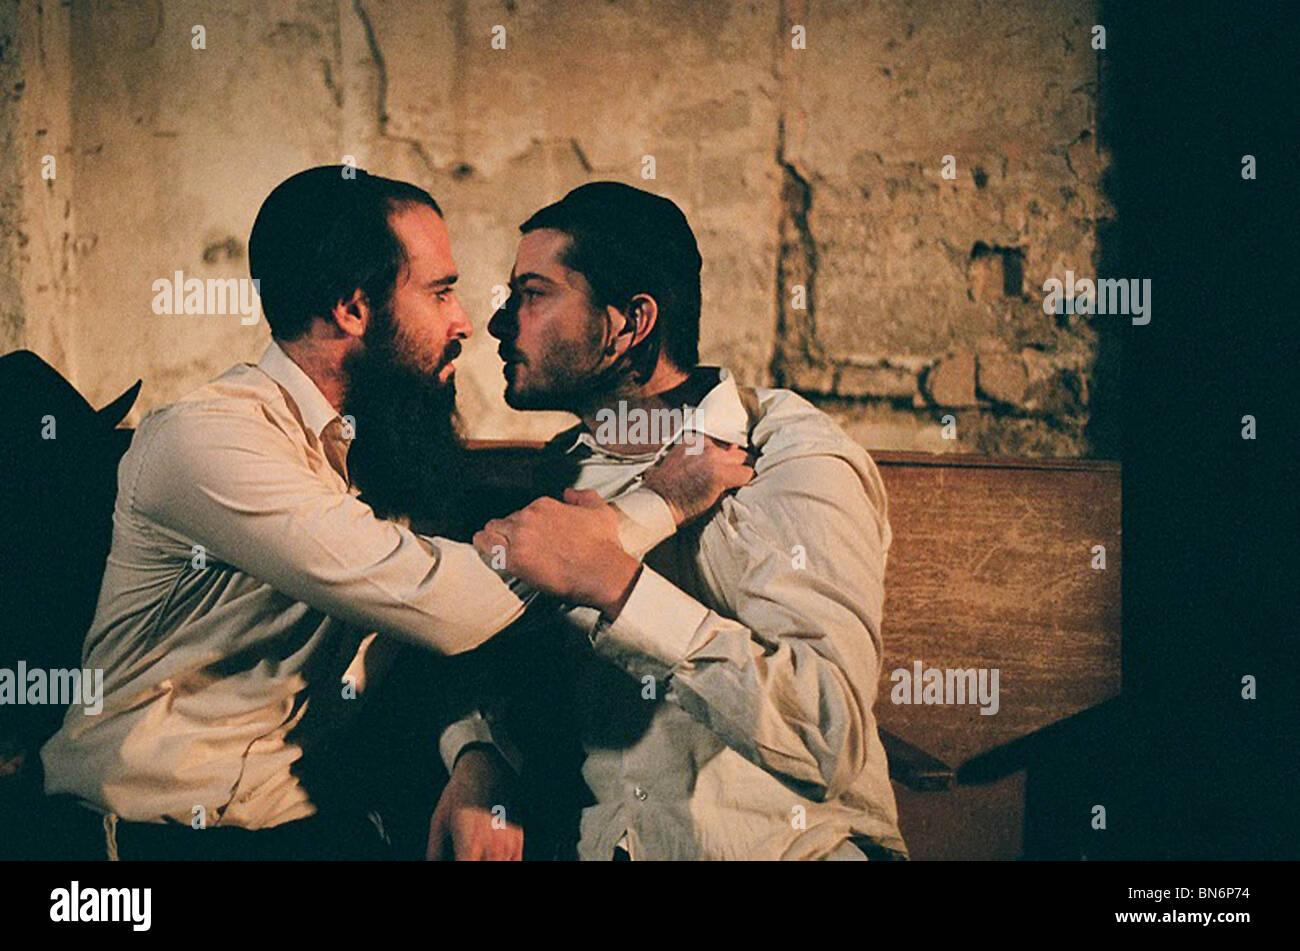 EINAYIM PETUKHOTH (2009) EYES WIDE OPEN (ALT) HAIM TABAKMAN (DIR) - Stock Image